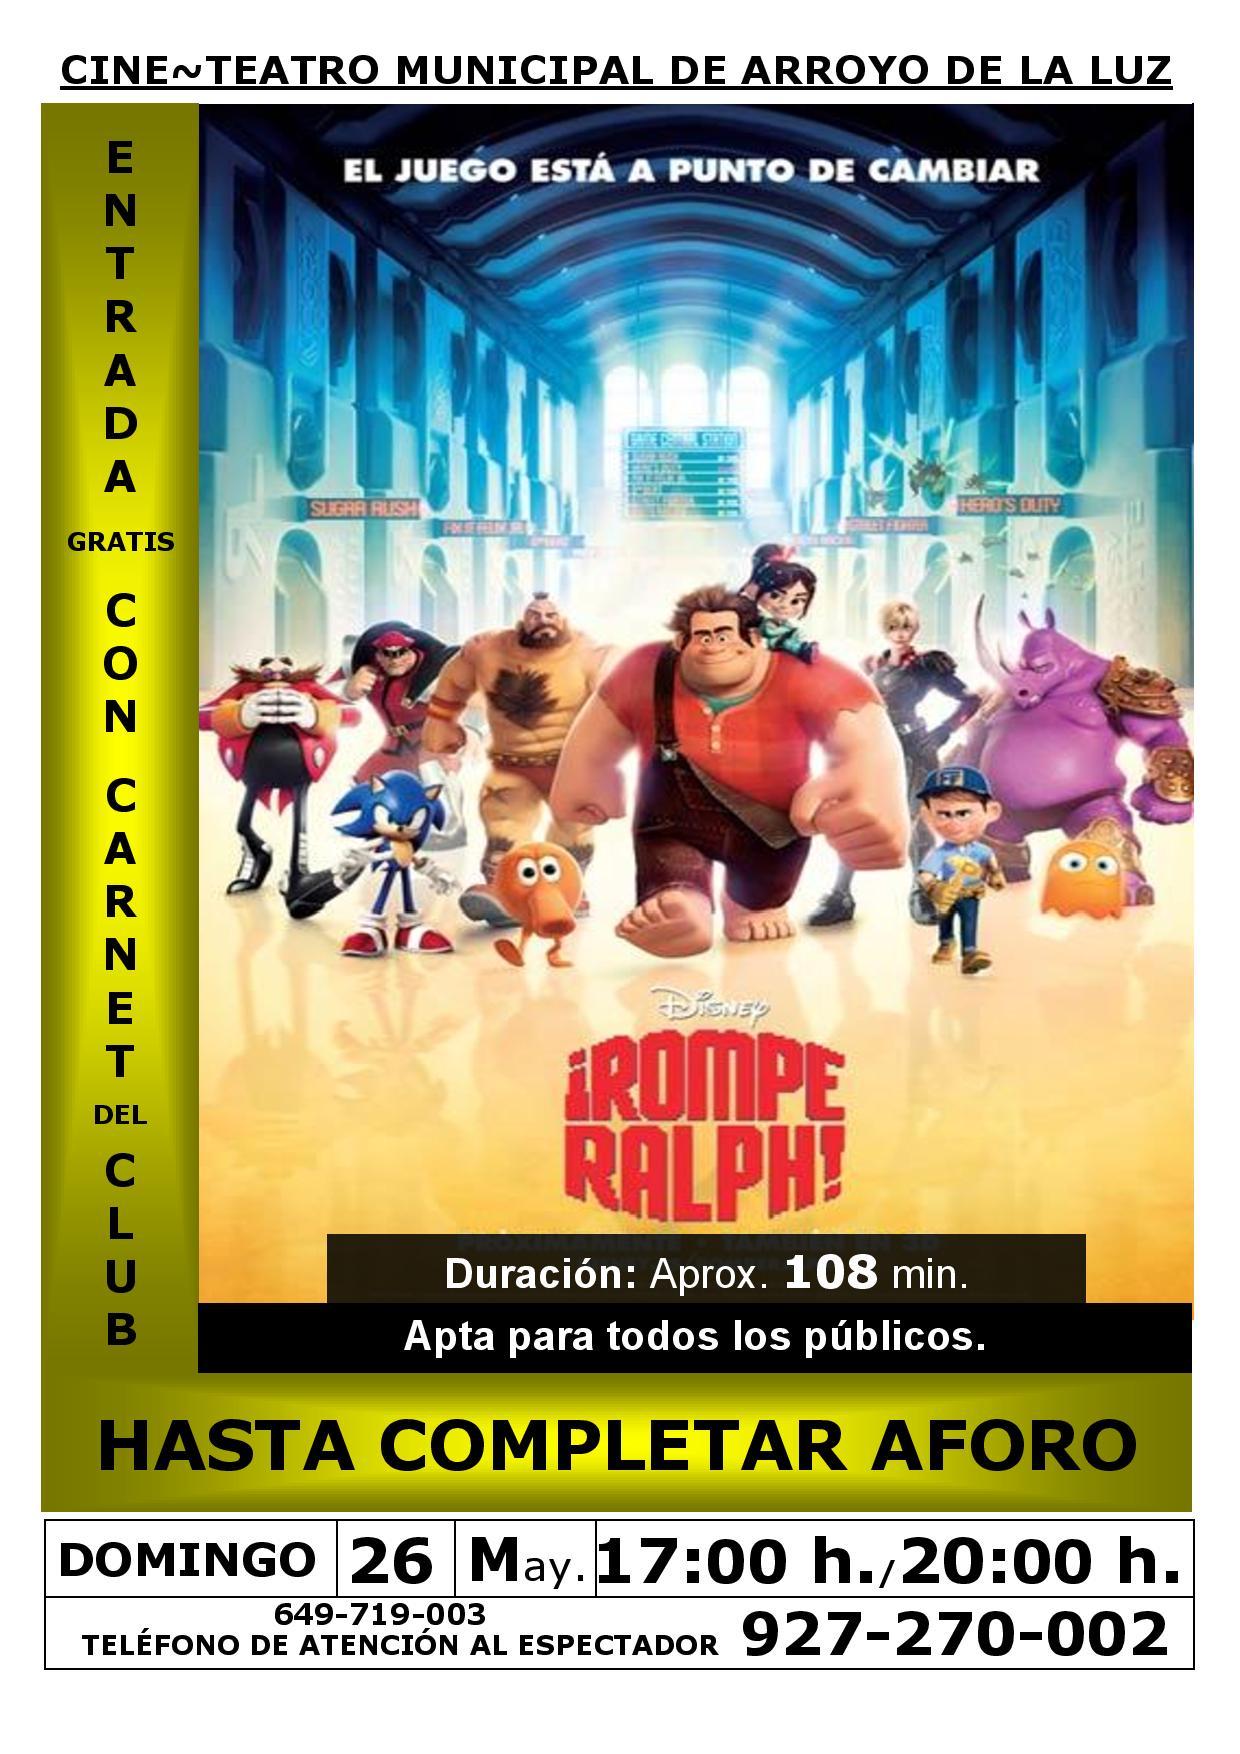 Nueva programación para el Cine en Arroyo de la Luz